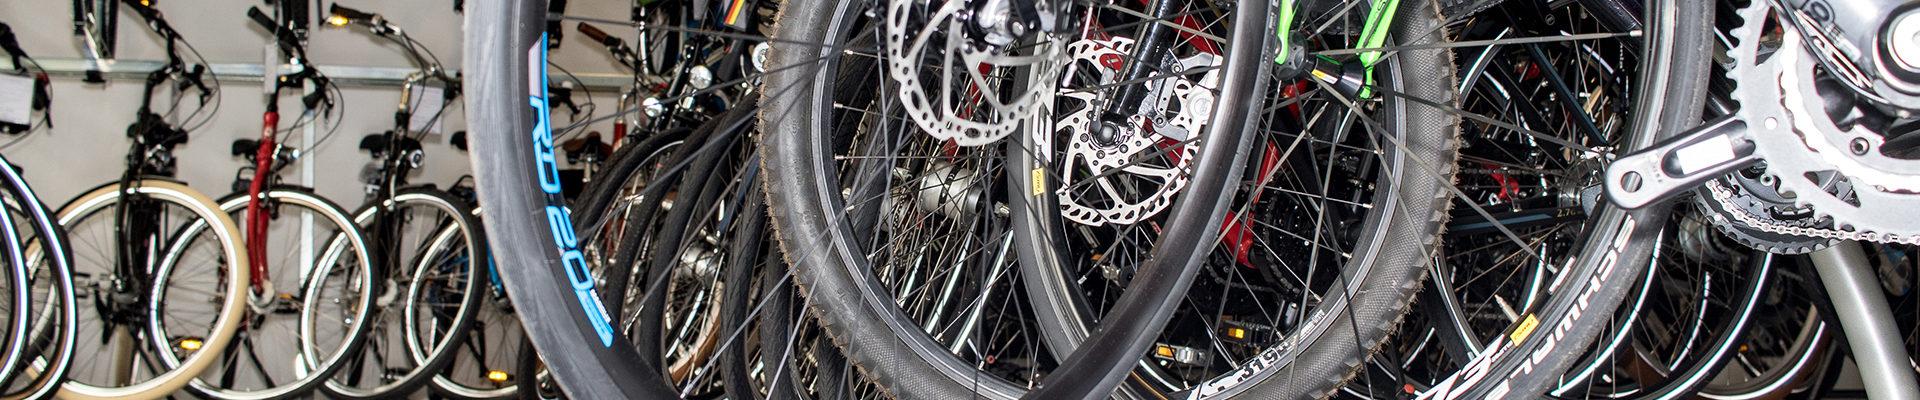 Kategorie: Fahrräder – GEBRAUCHT – Kinder